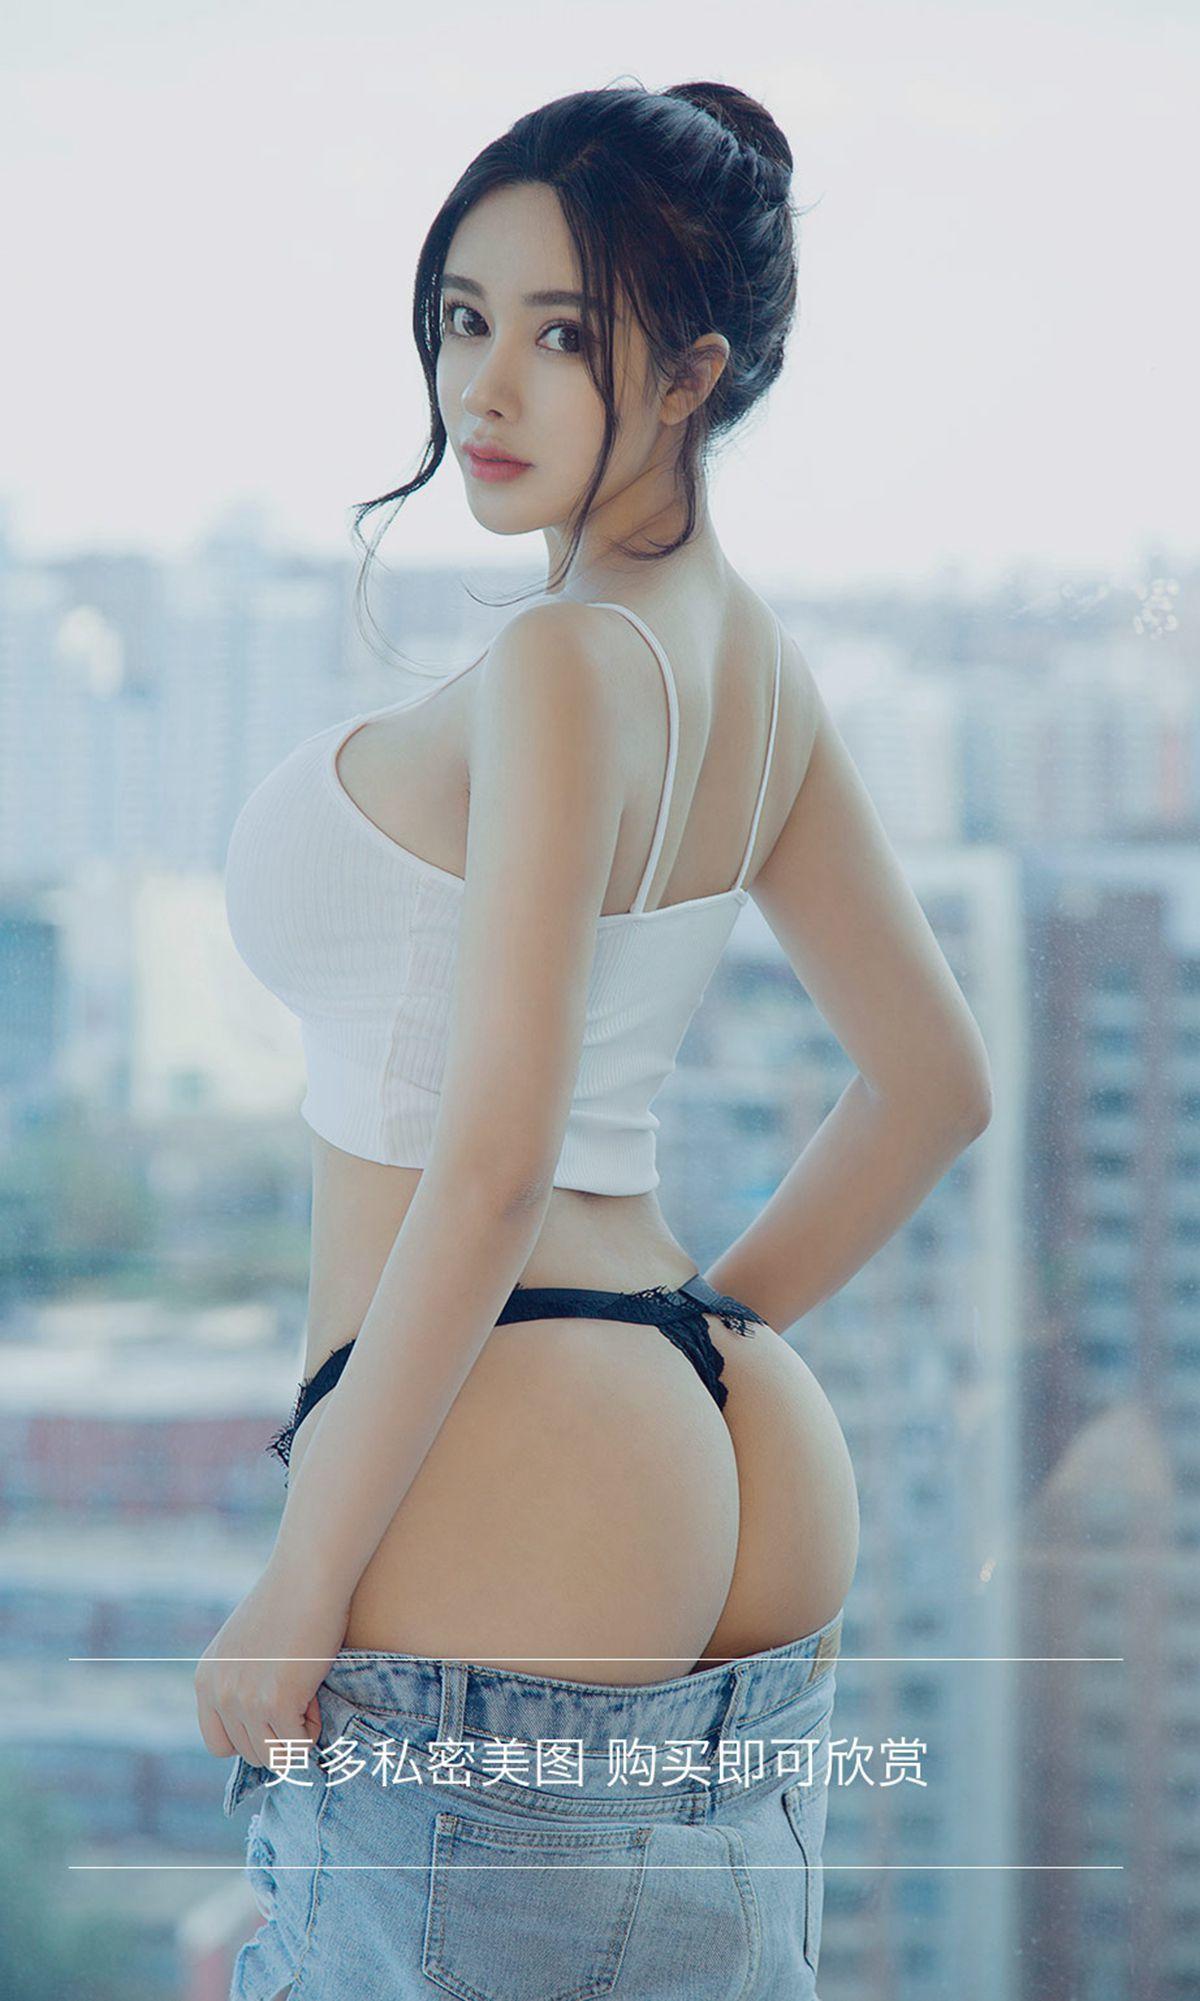 金梓馨 - 珍珠小姐